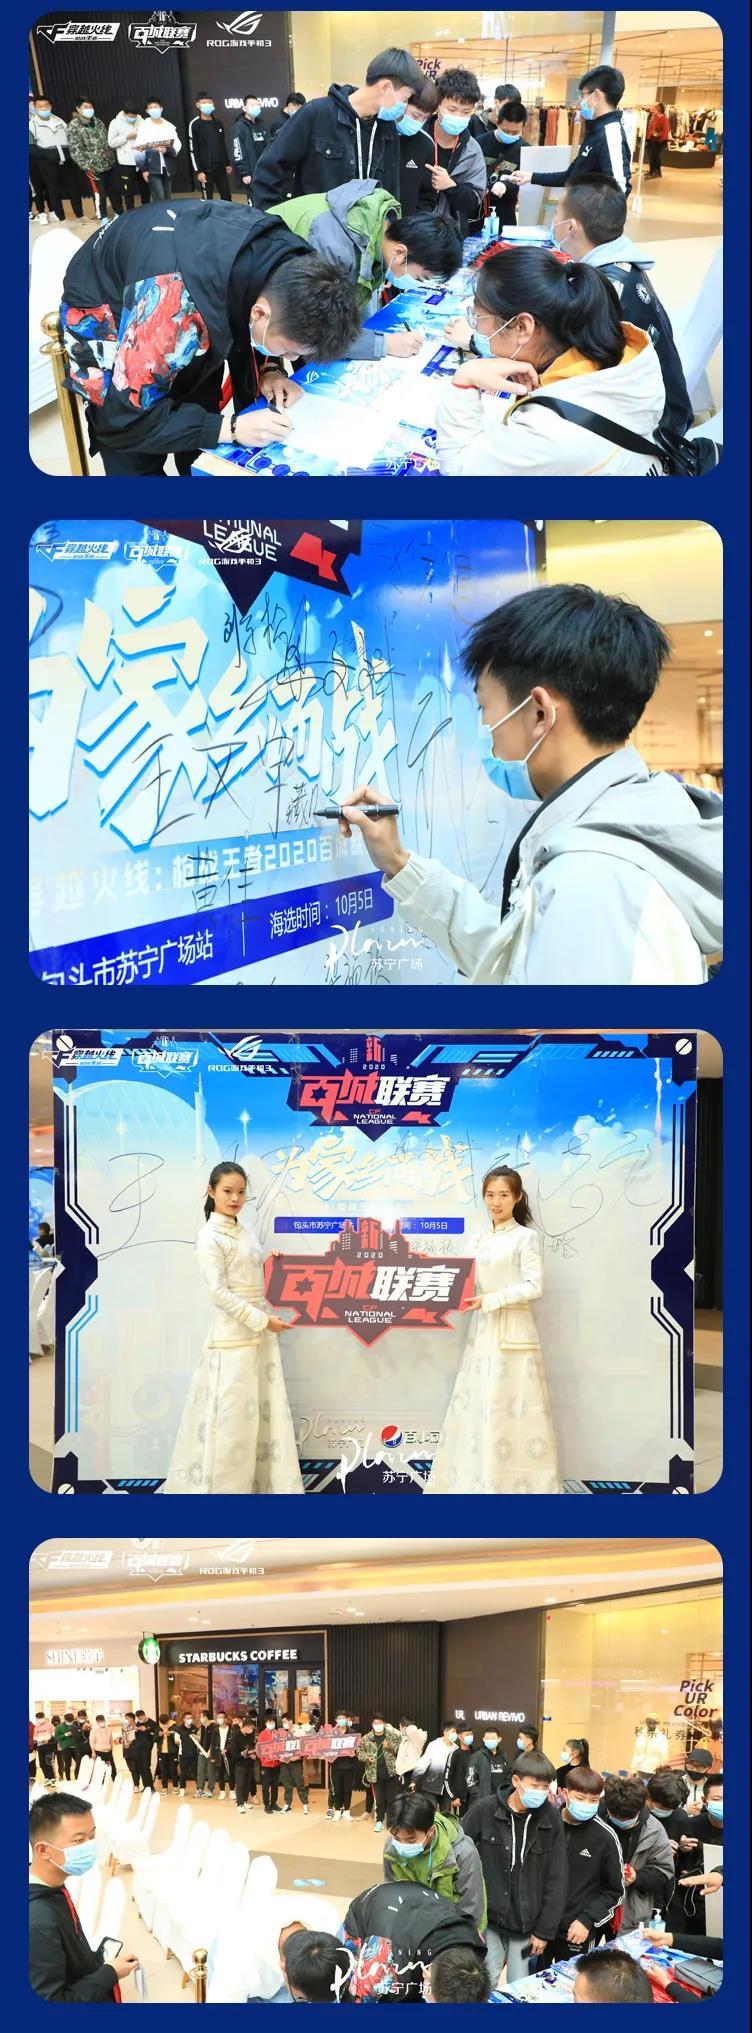 《穿越火线:枪战王者》内蒙古赛区包头苏宁广场城市赛完美落幕